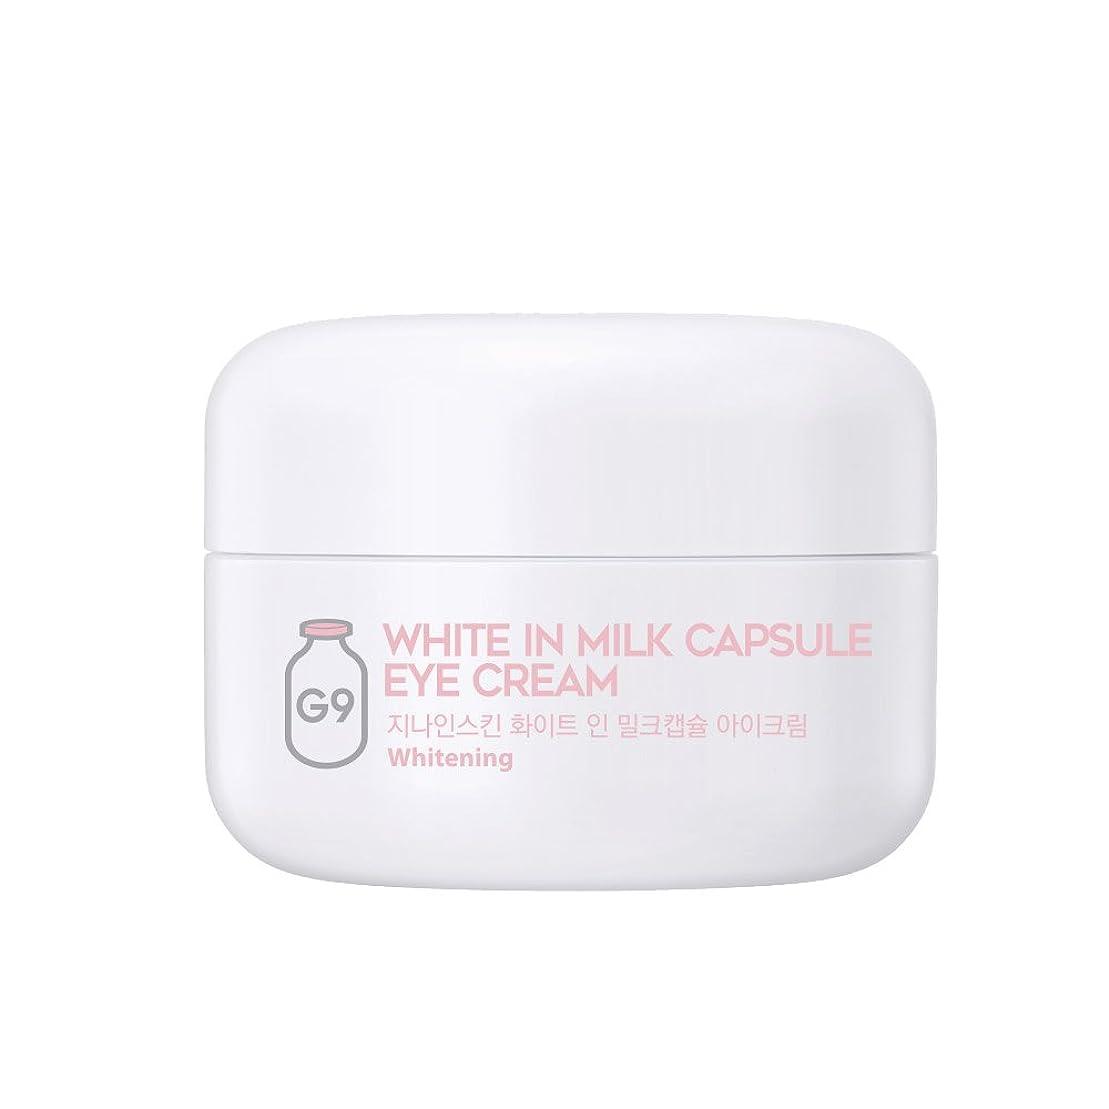 事故アームストロング数G9SKIN(ベリサム) White In Milk Capsule Eye Cream ホワイトインミルクカプセルアイクリーム 30g